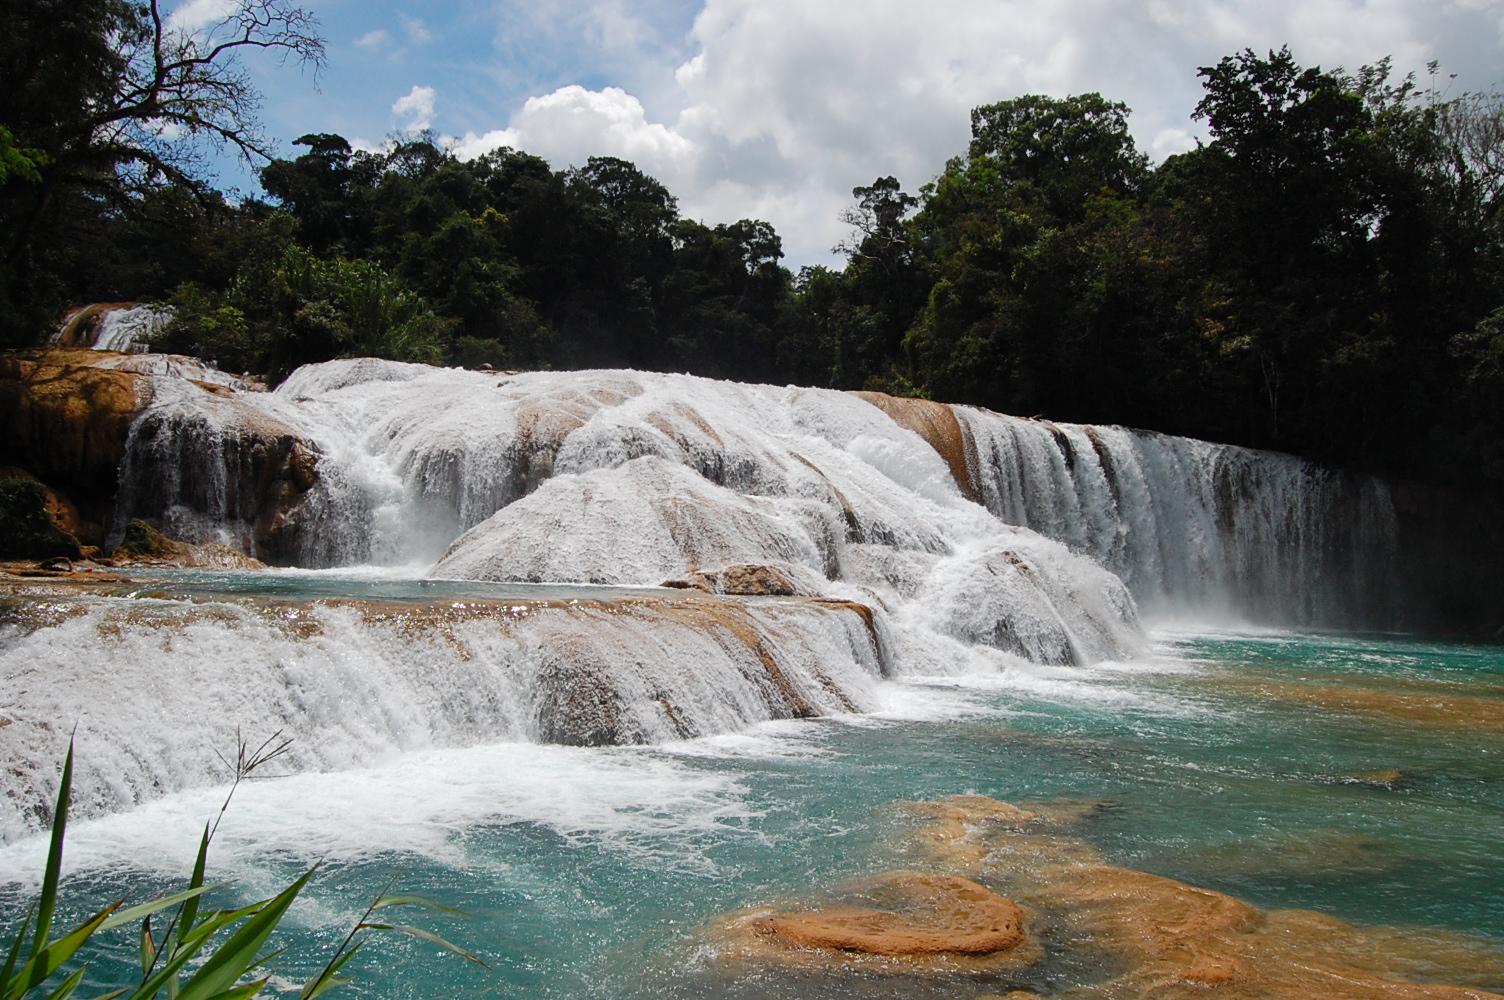 Cascadas de agua azul en chiapas mexico real for Motor para cascada de agua